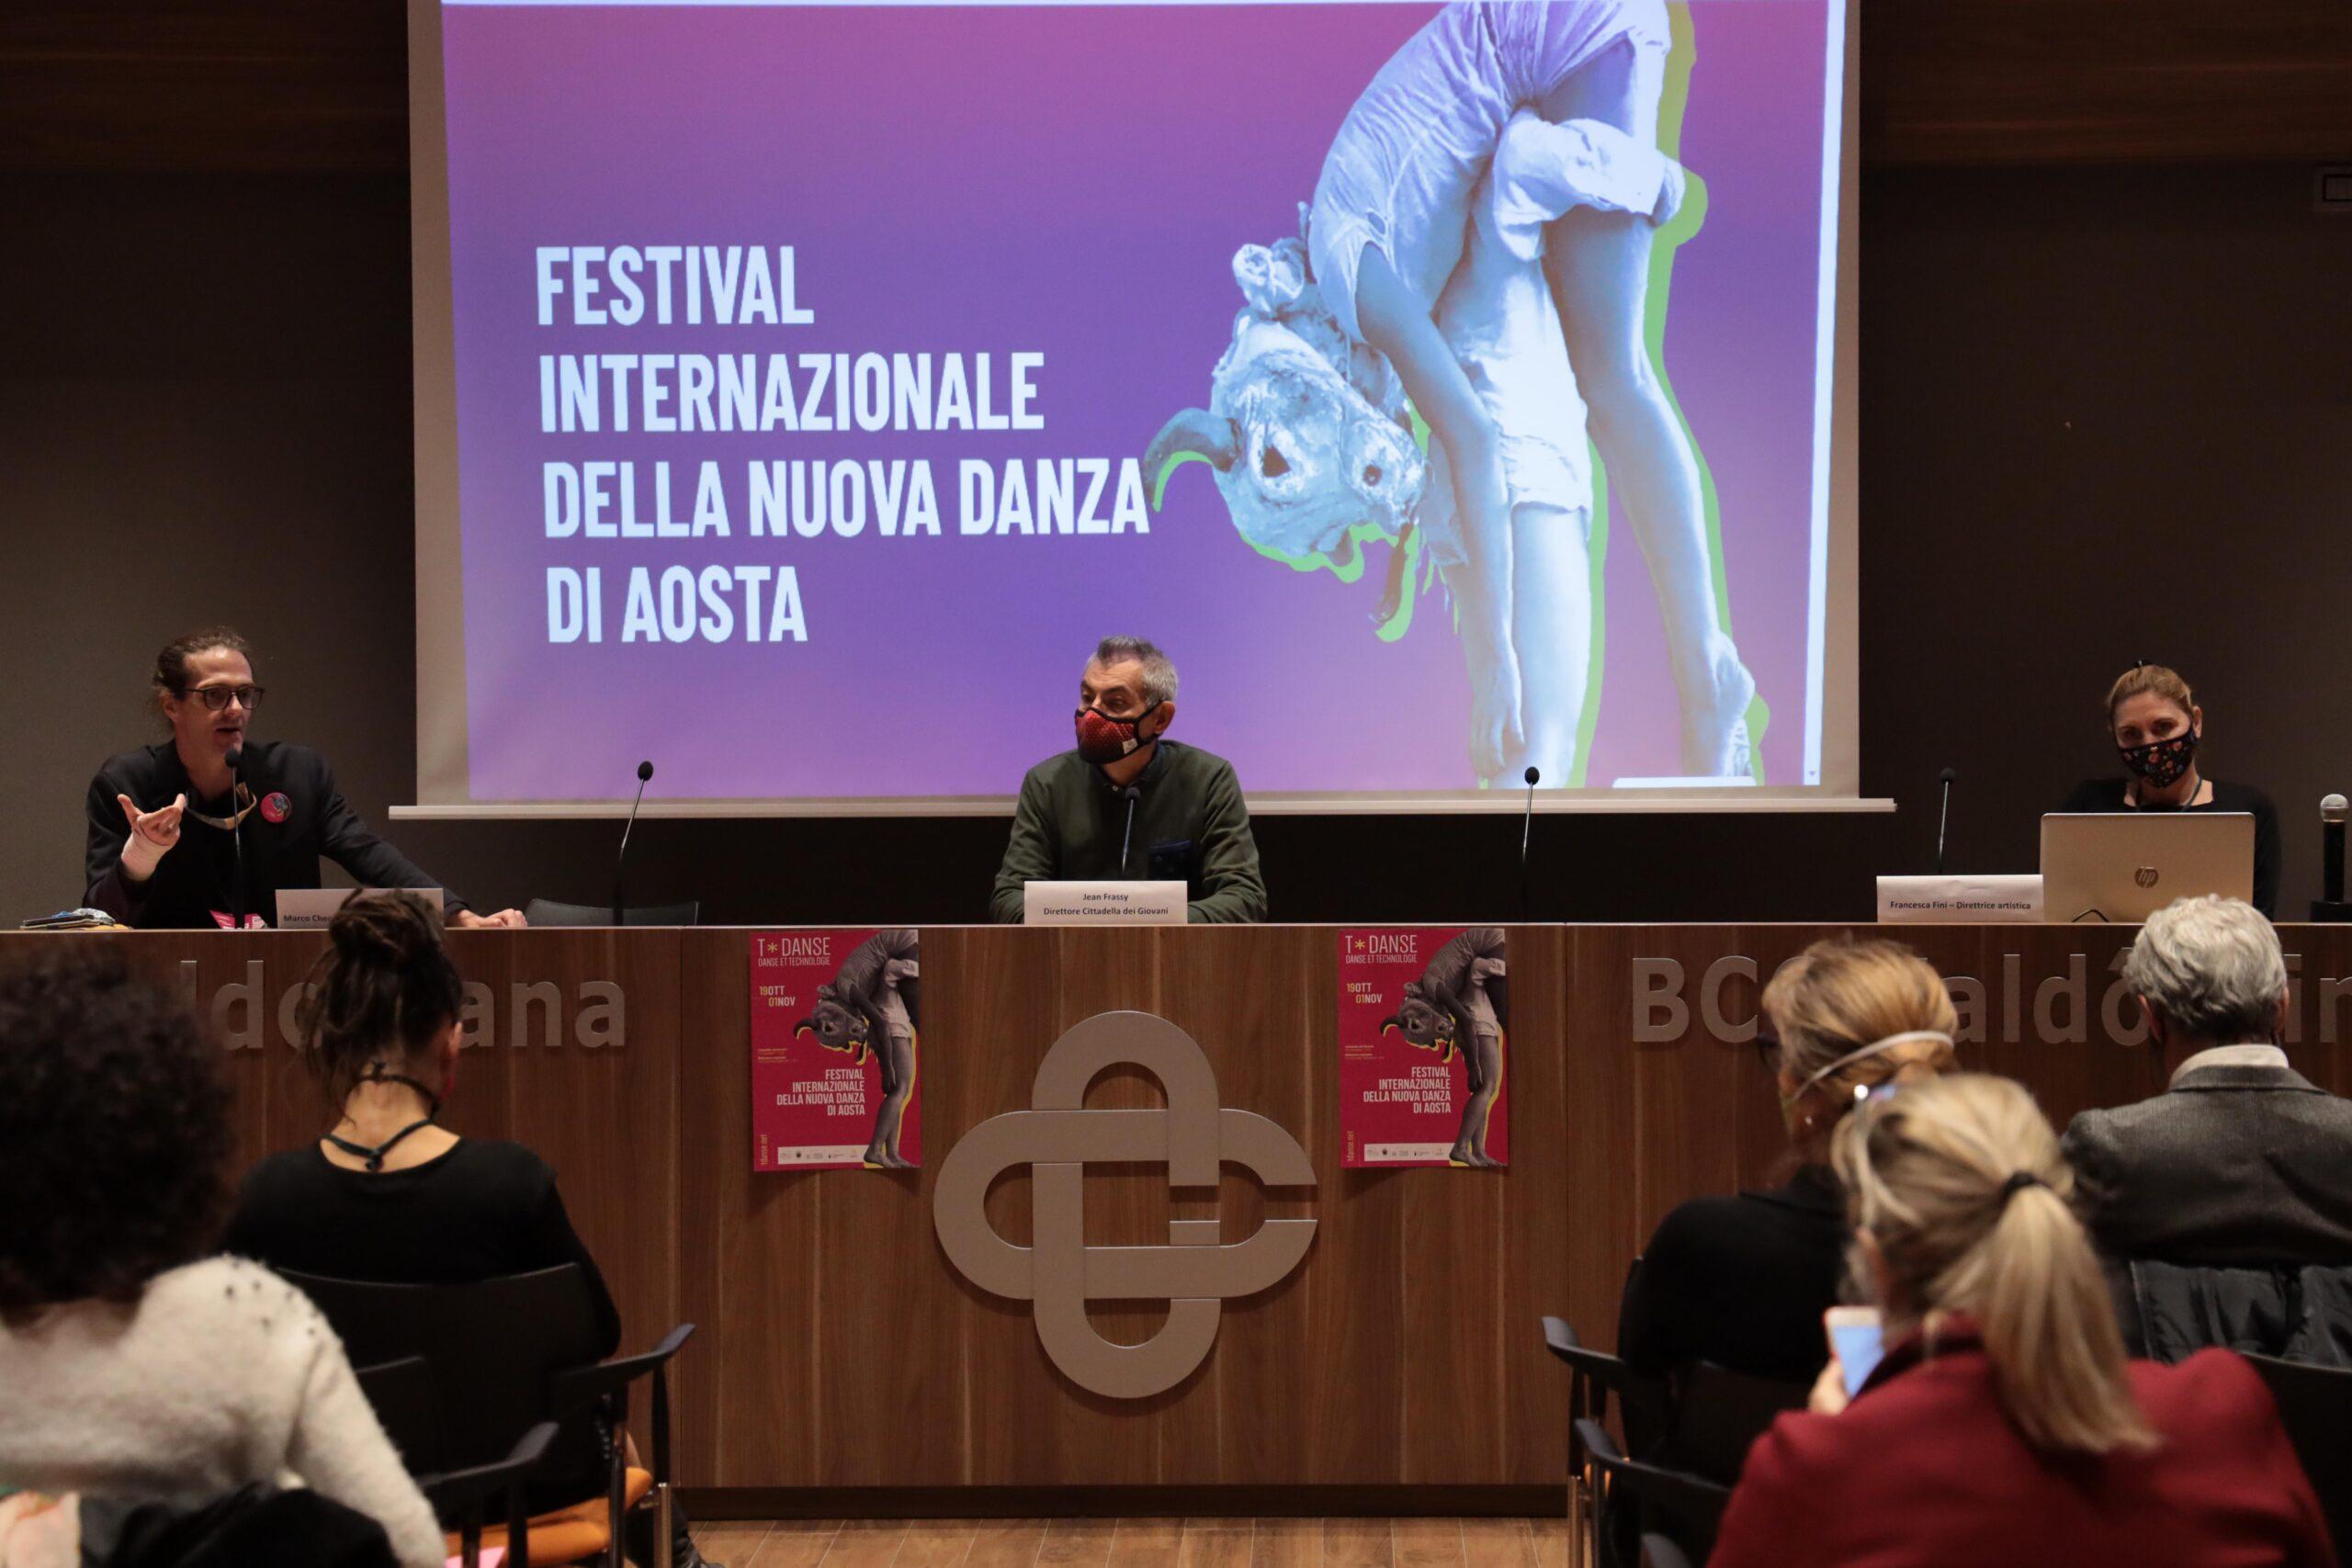 Festival internazionale della nuova danza Aosta